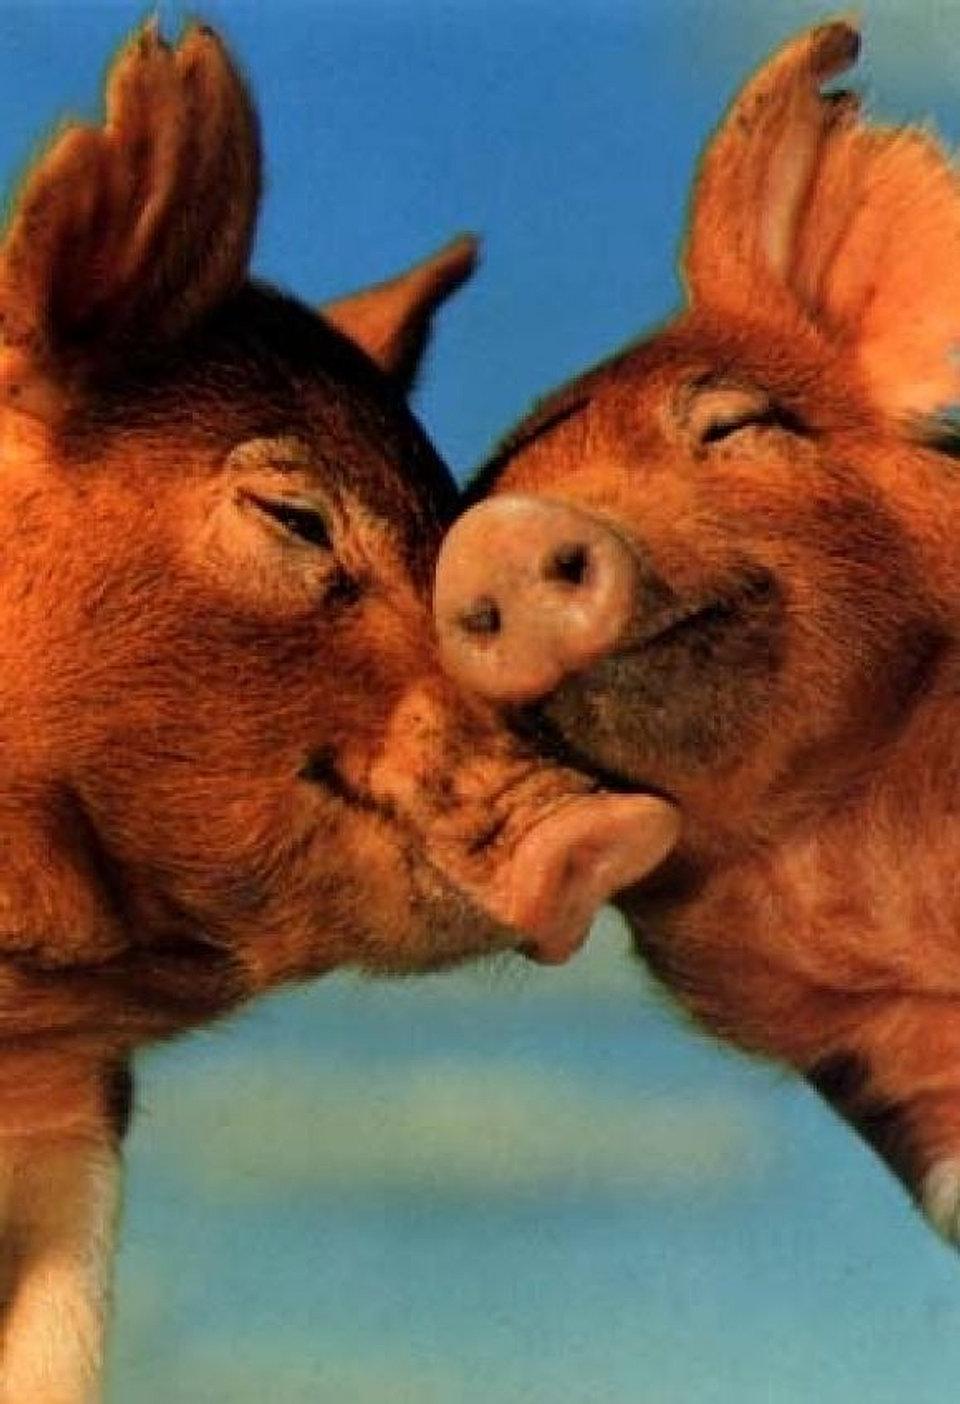 Прикольные картинки влюбленные свинки, днем рождения ахмедик